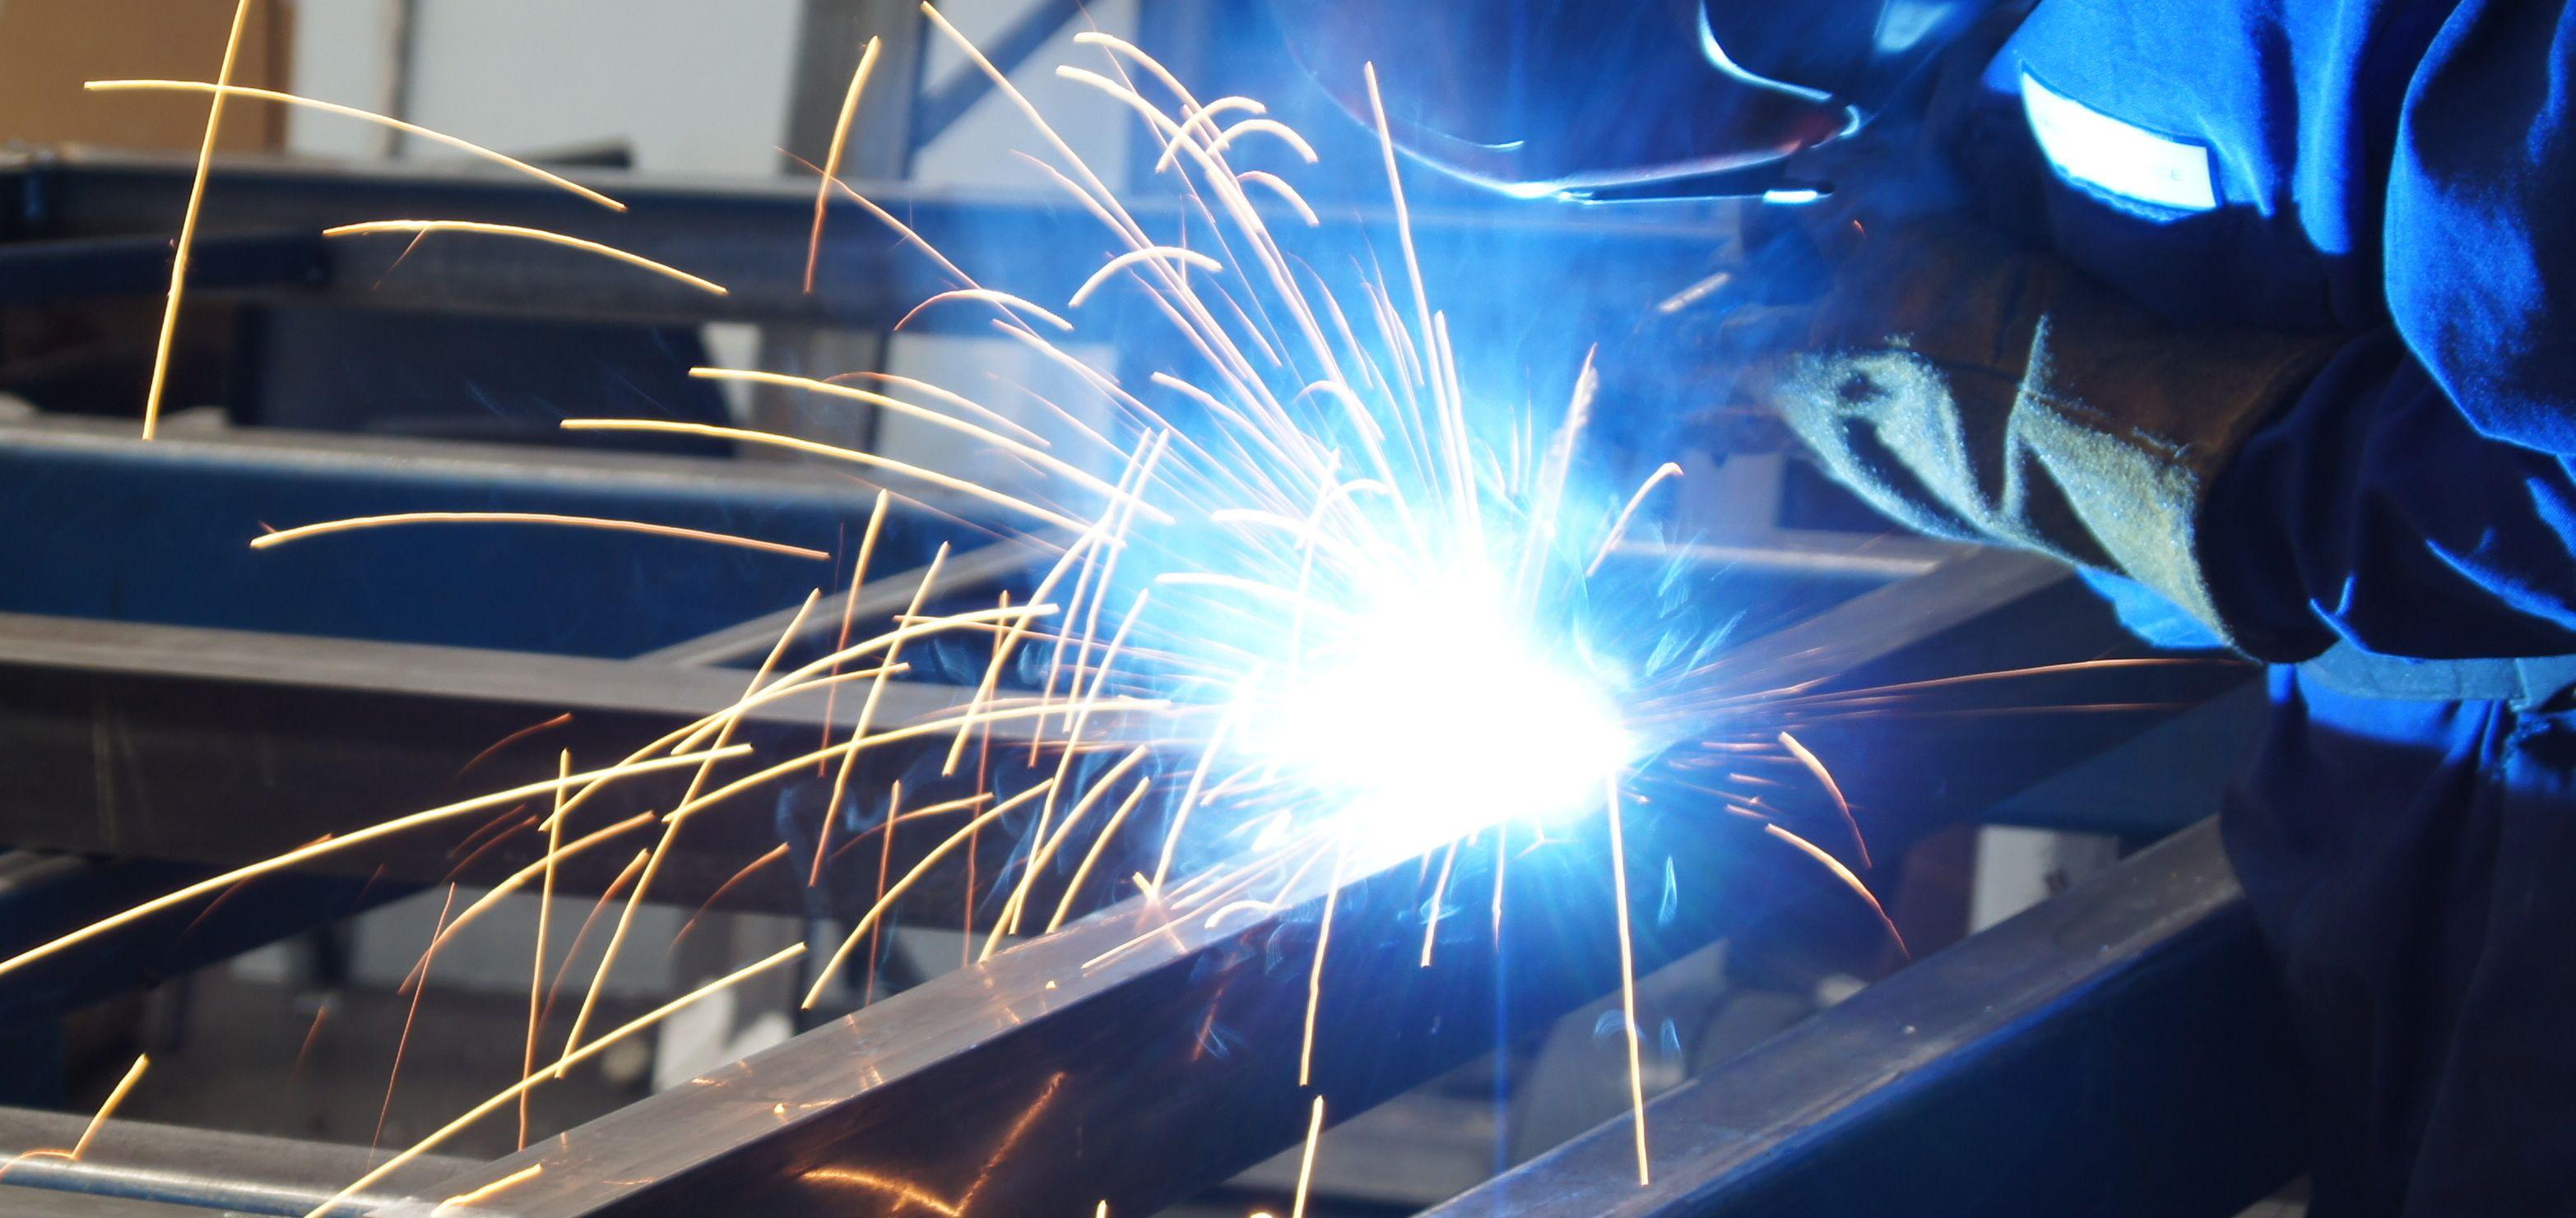 engineering-pictures-9.jpg